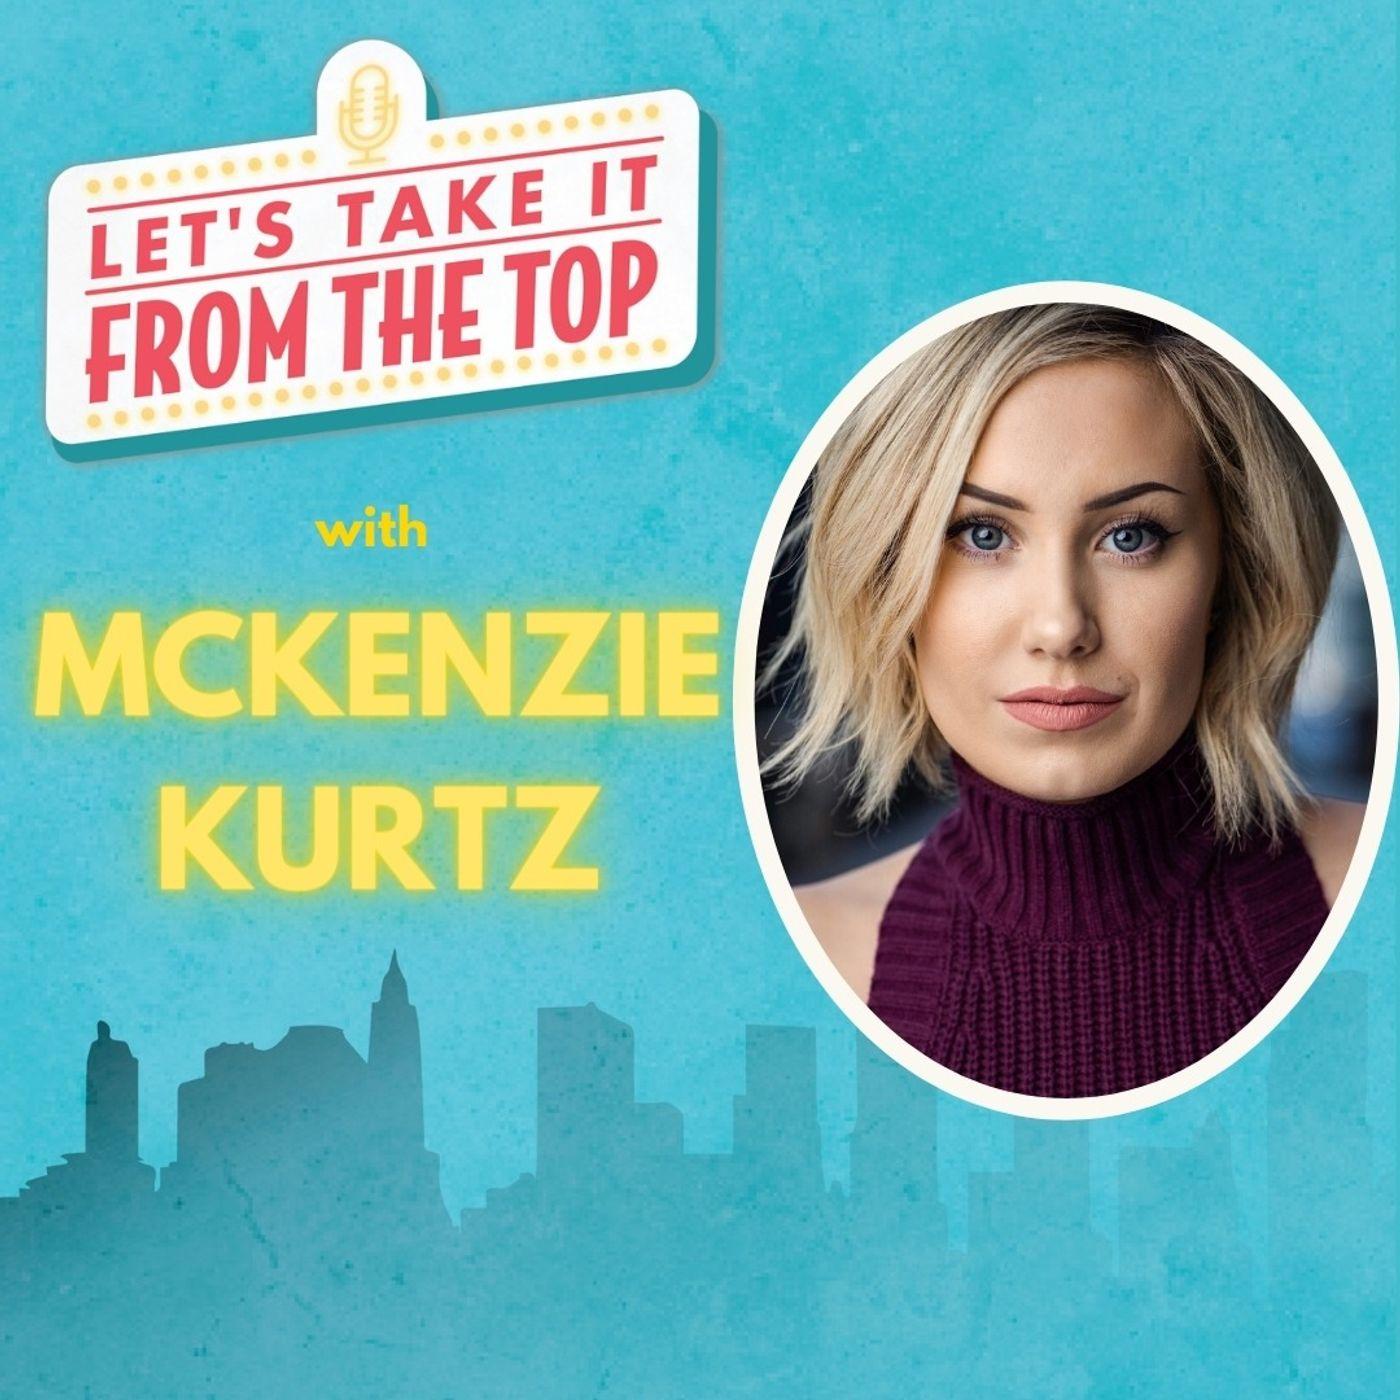 Episode 1: McKenzie Kurtz